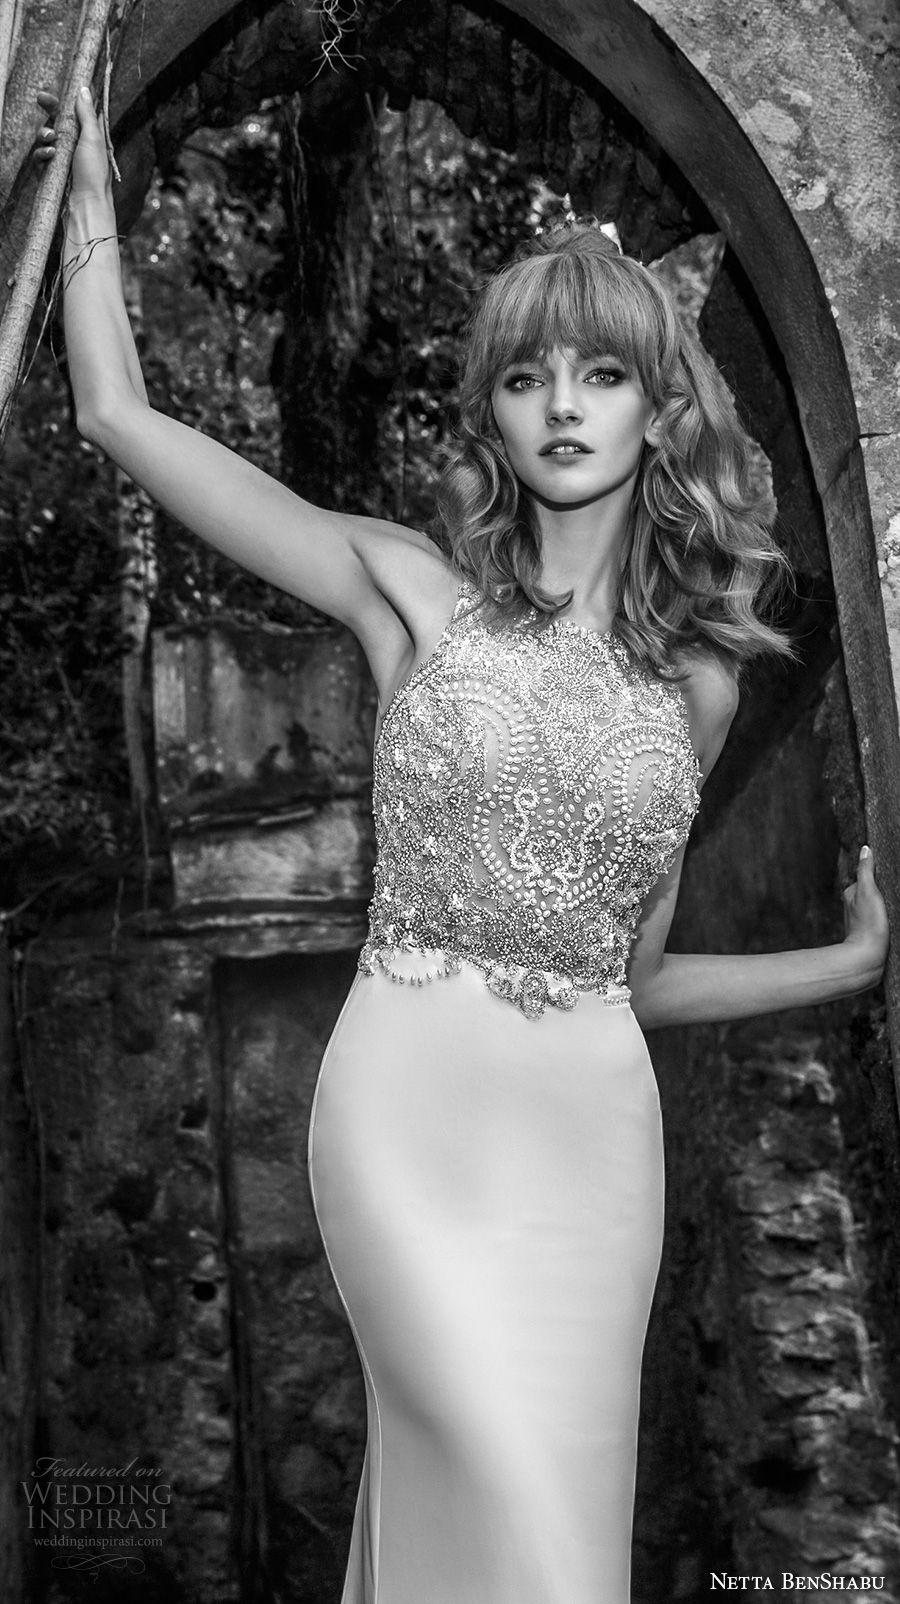 netta benshabu 2017 bridal sleeveless halter neck heavily embellished beaded bodice elegant glamorous sheath wedding dress keyhole open back chapel train (15) zv